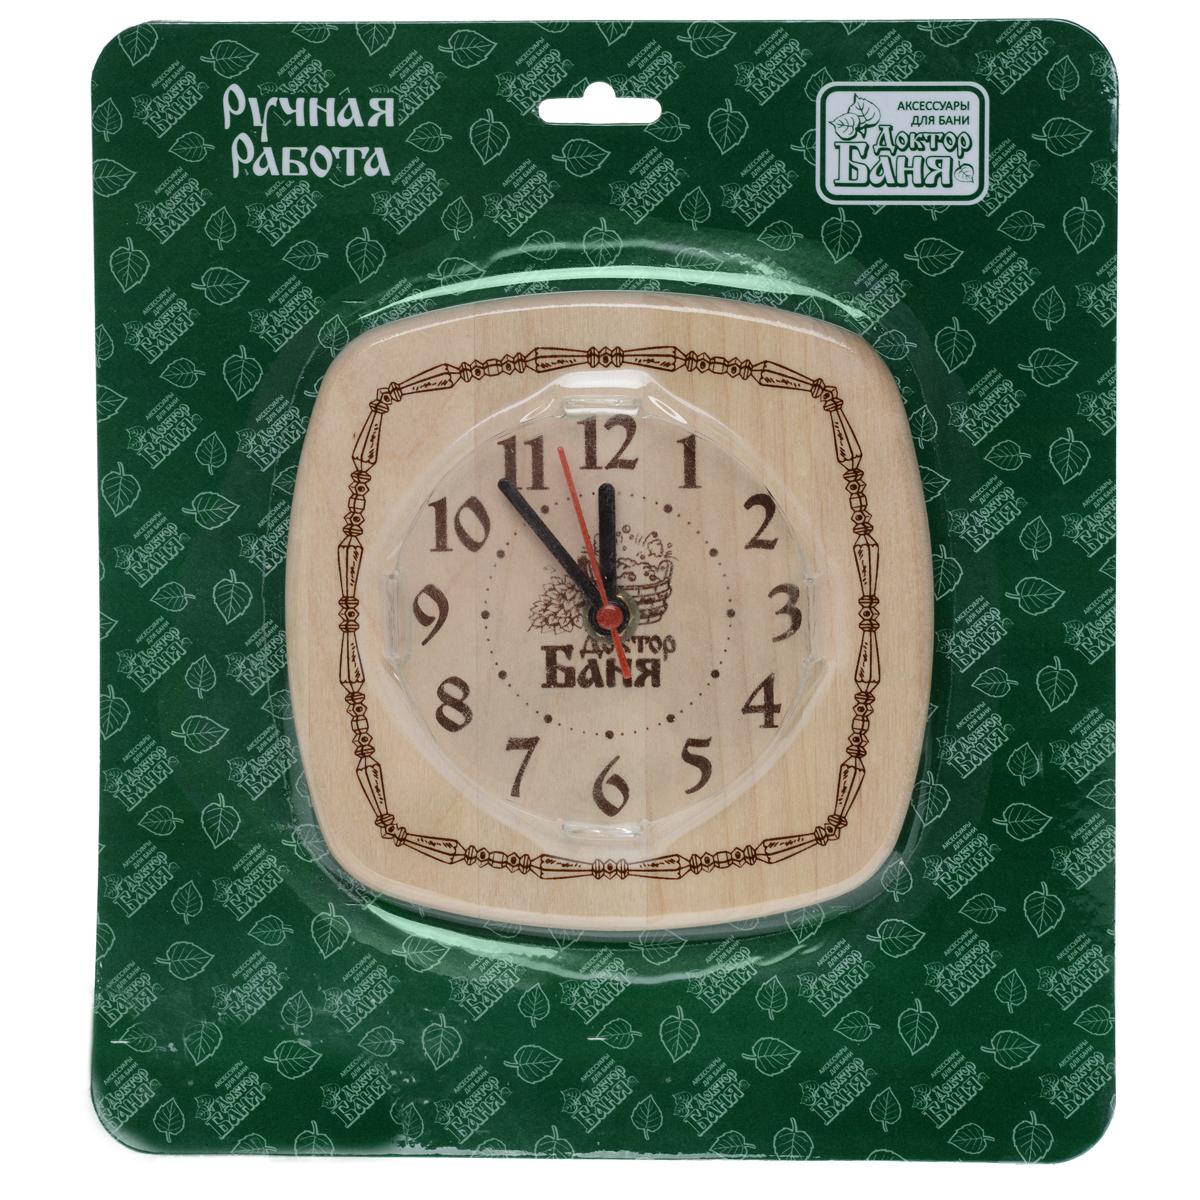 Часы настенные Доктор баня для бани и сауны. 905241 шапка для бани и сауны доктор баня классическая кант